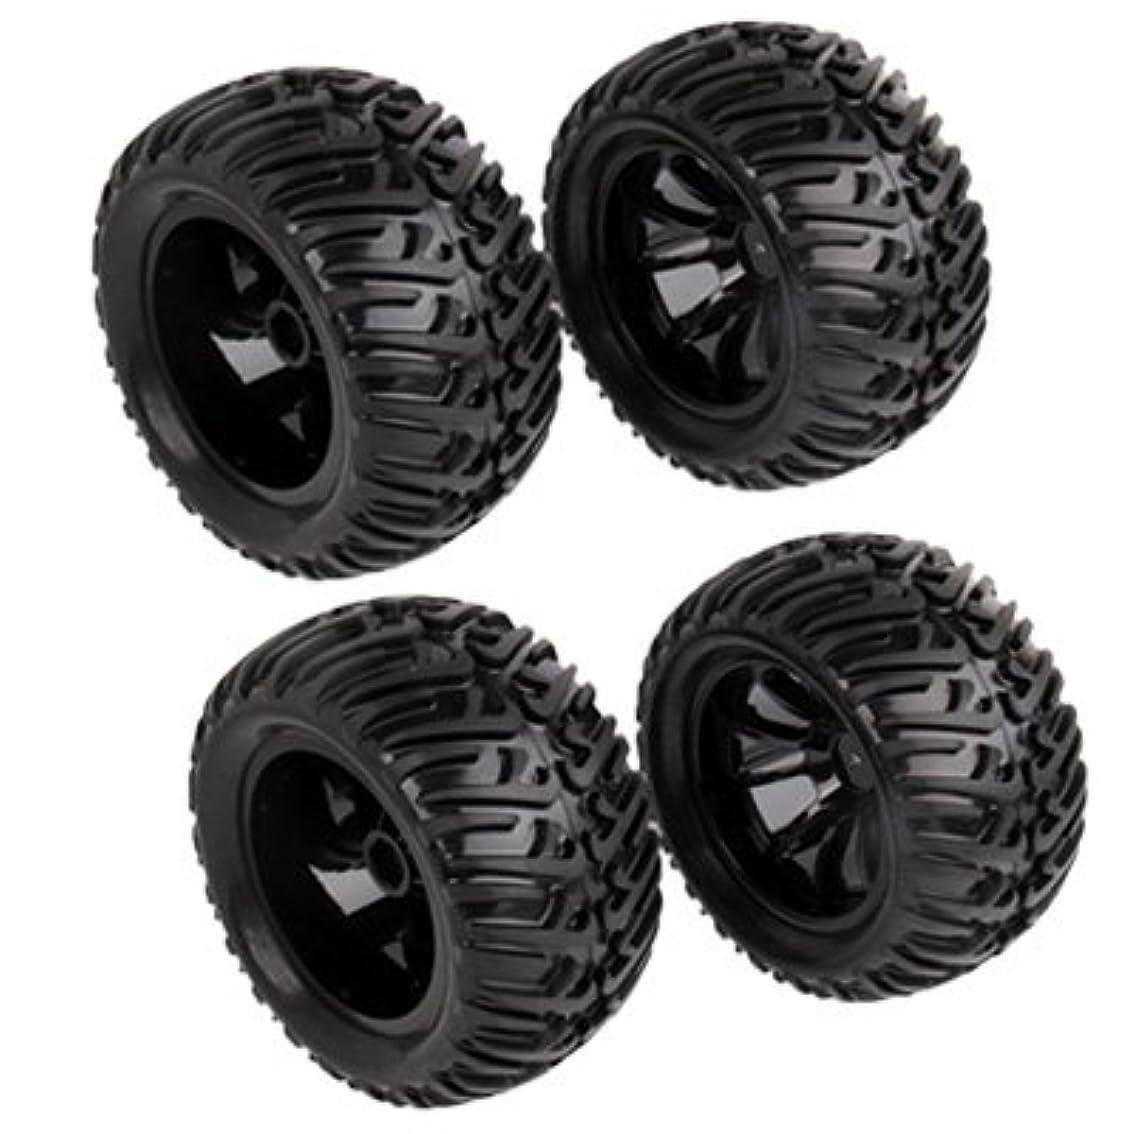 カプラー義務的厚くするDIY accessories 0 R/C電気/石油ハイブリッドロッククローラーカー用ゴムトレッドタイヤ